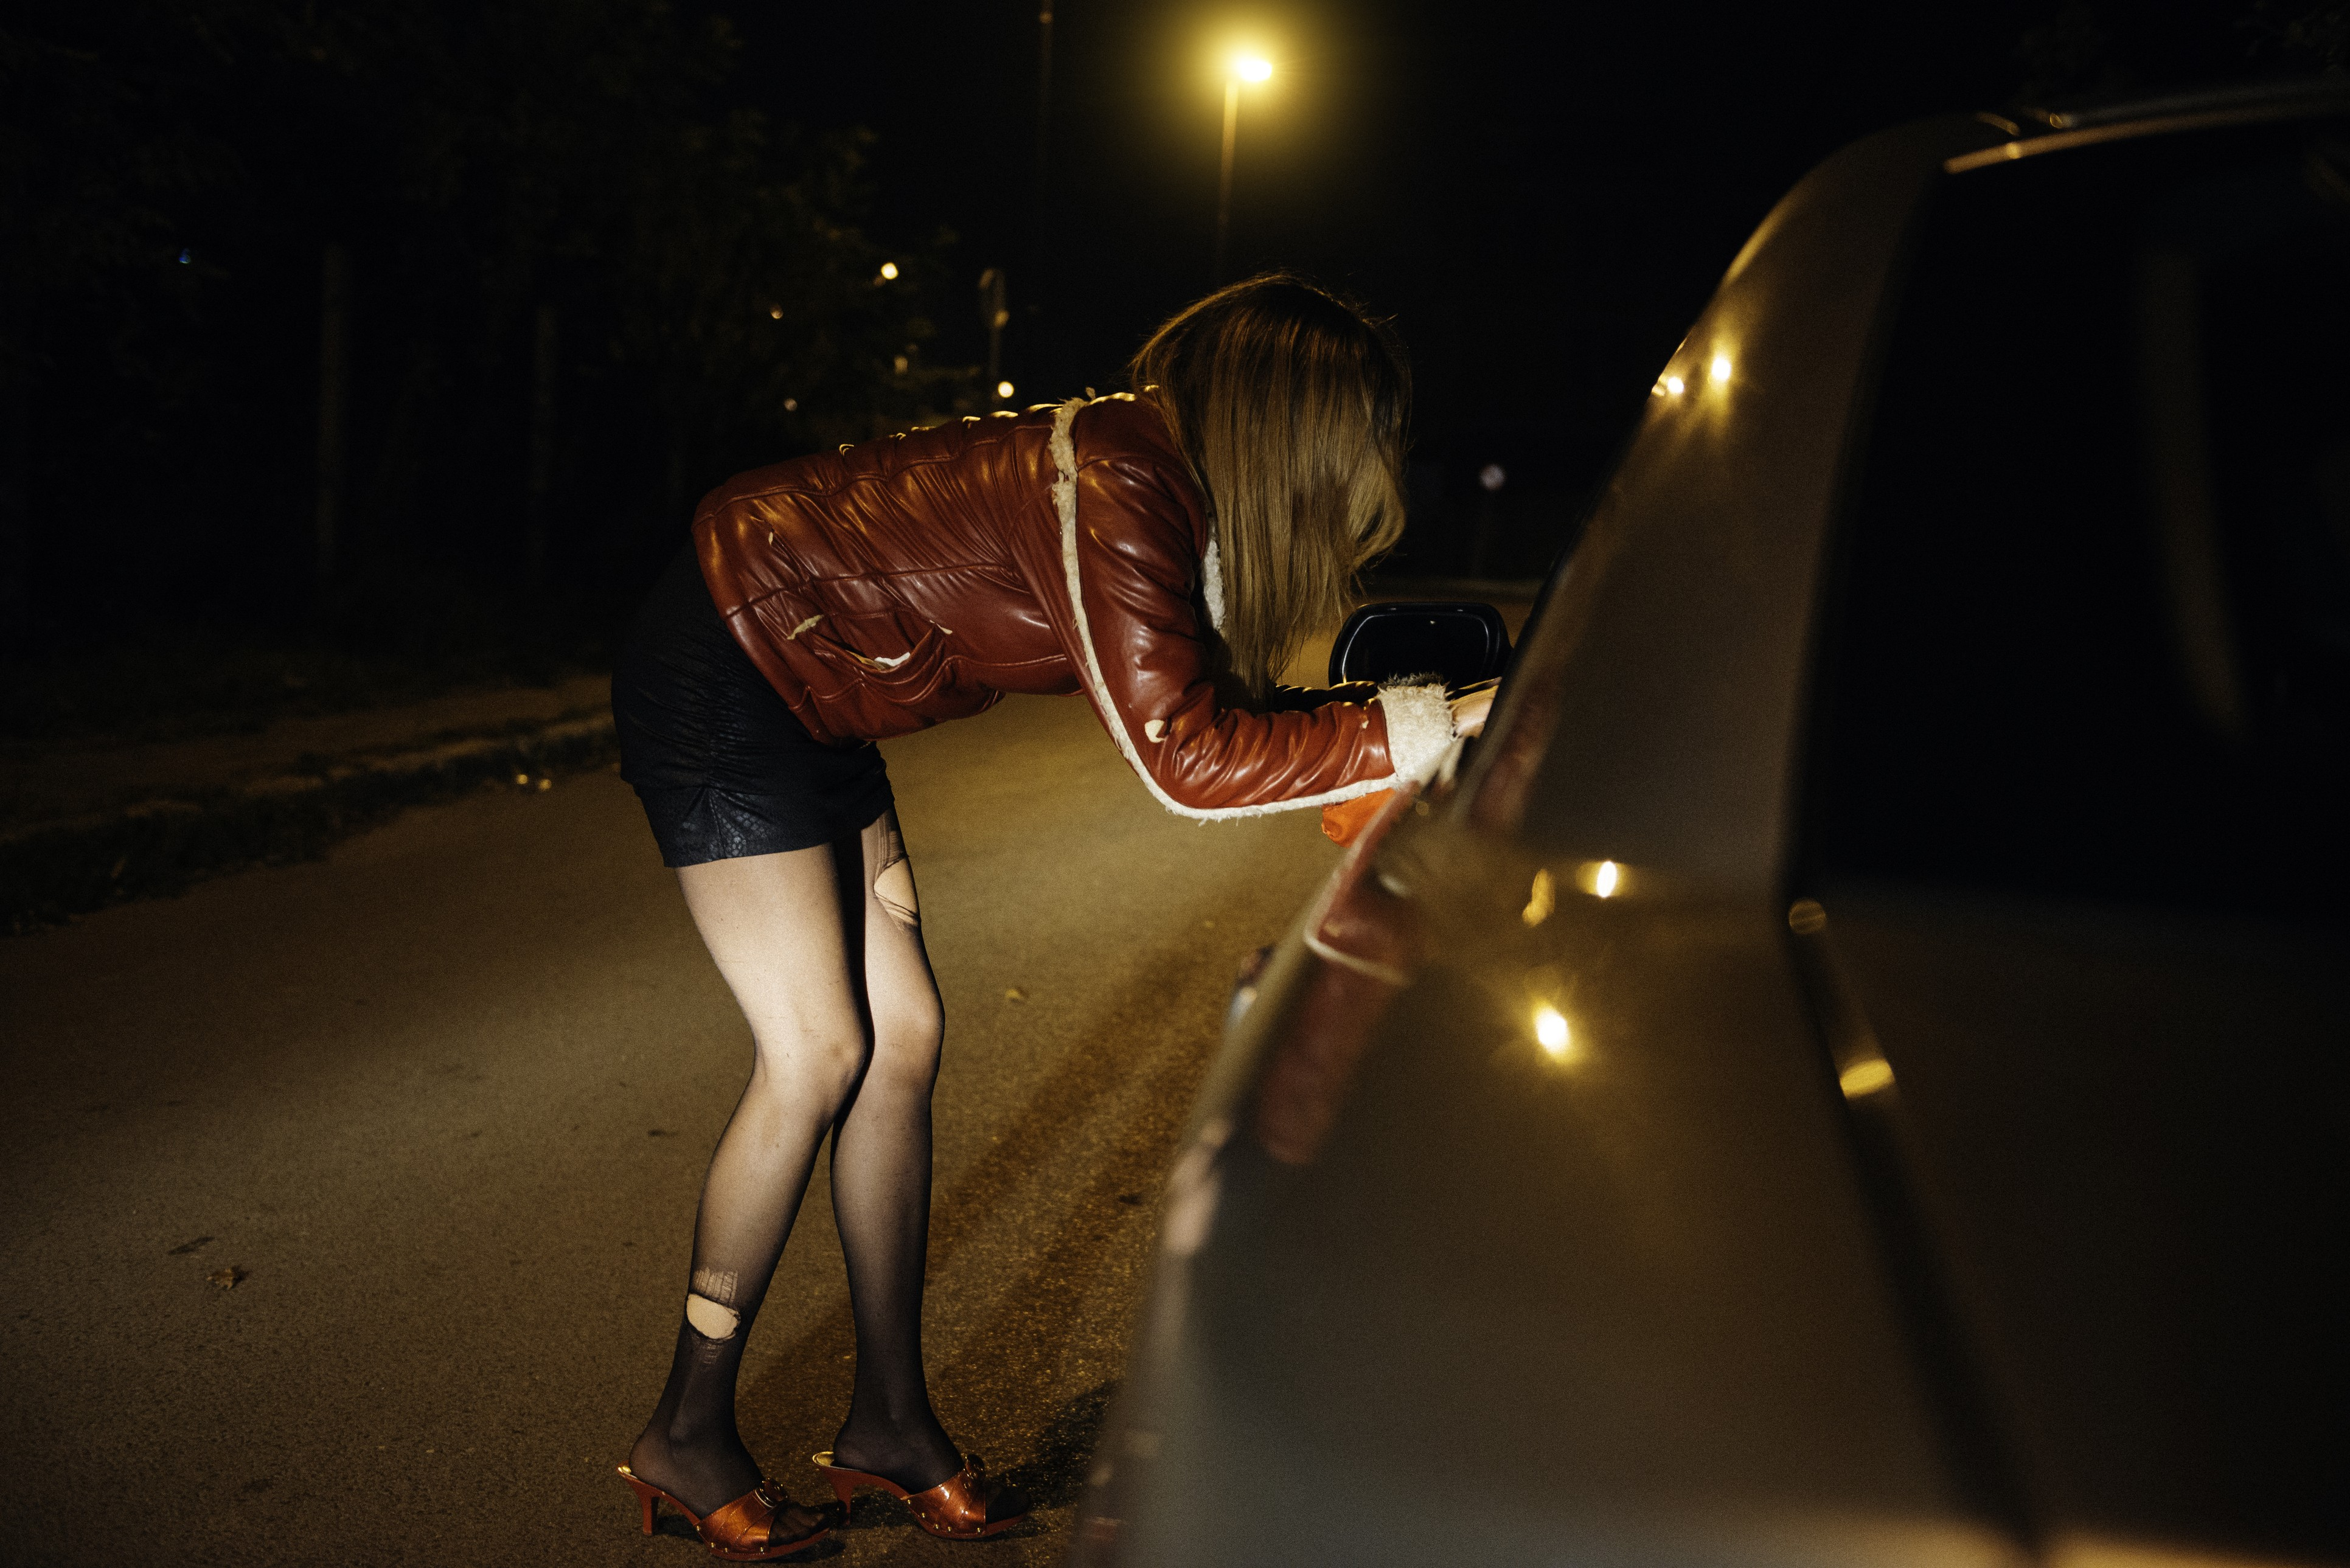 tráfico de pessoas é um crime que se alimenta de desigualdades, instabilidade e conflitos (Foto: Thinkstock)